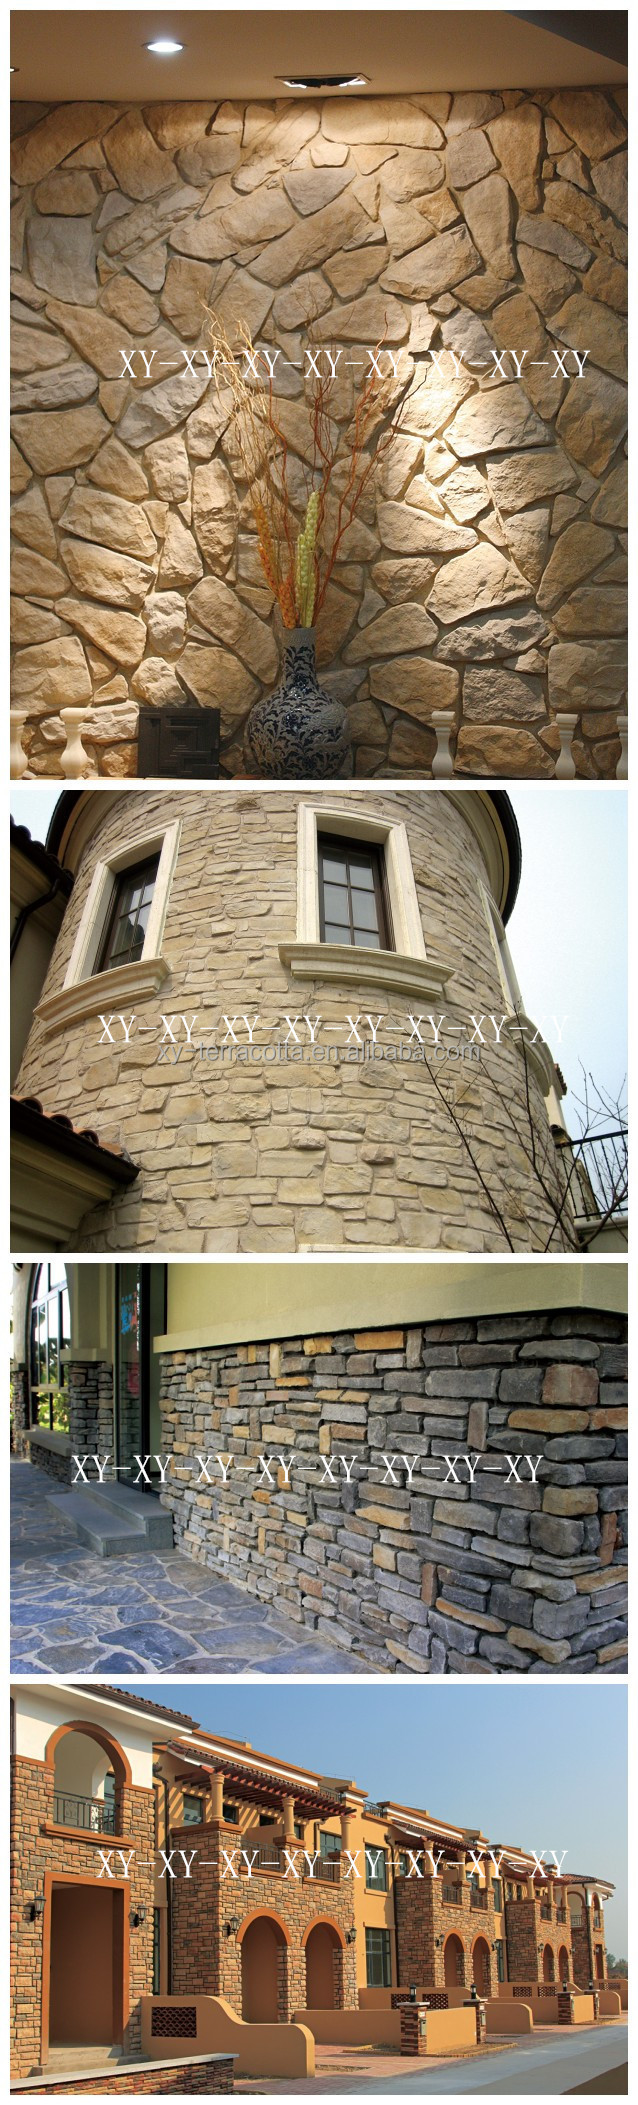 Decorative quoins exterior corner cladding stone buy for Decorative quoins